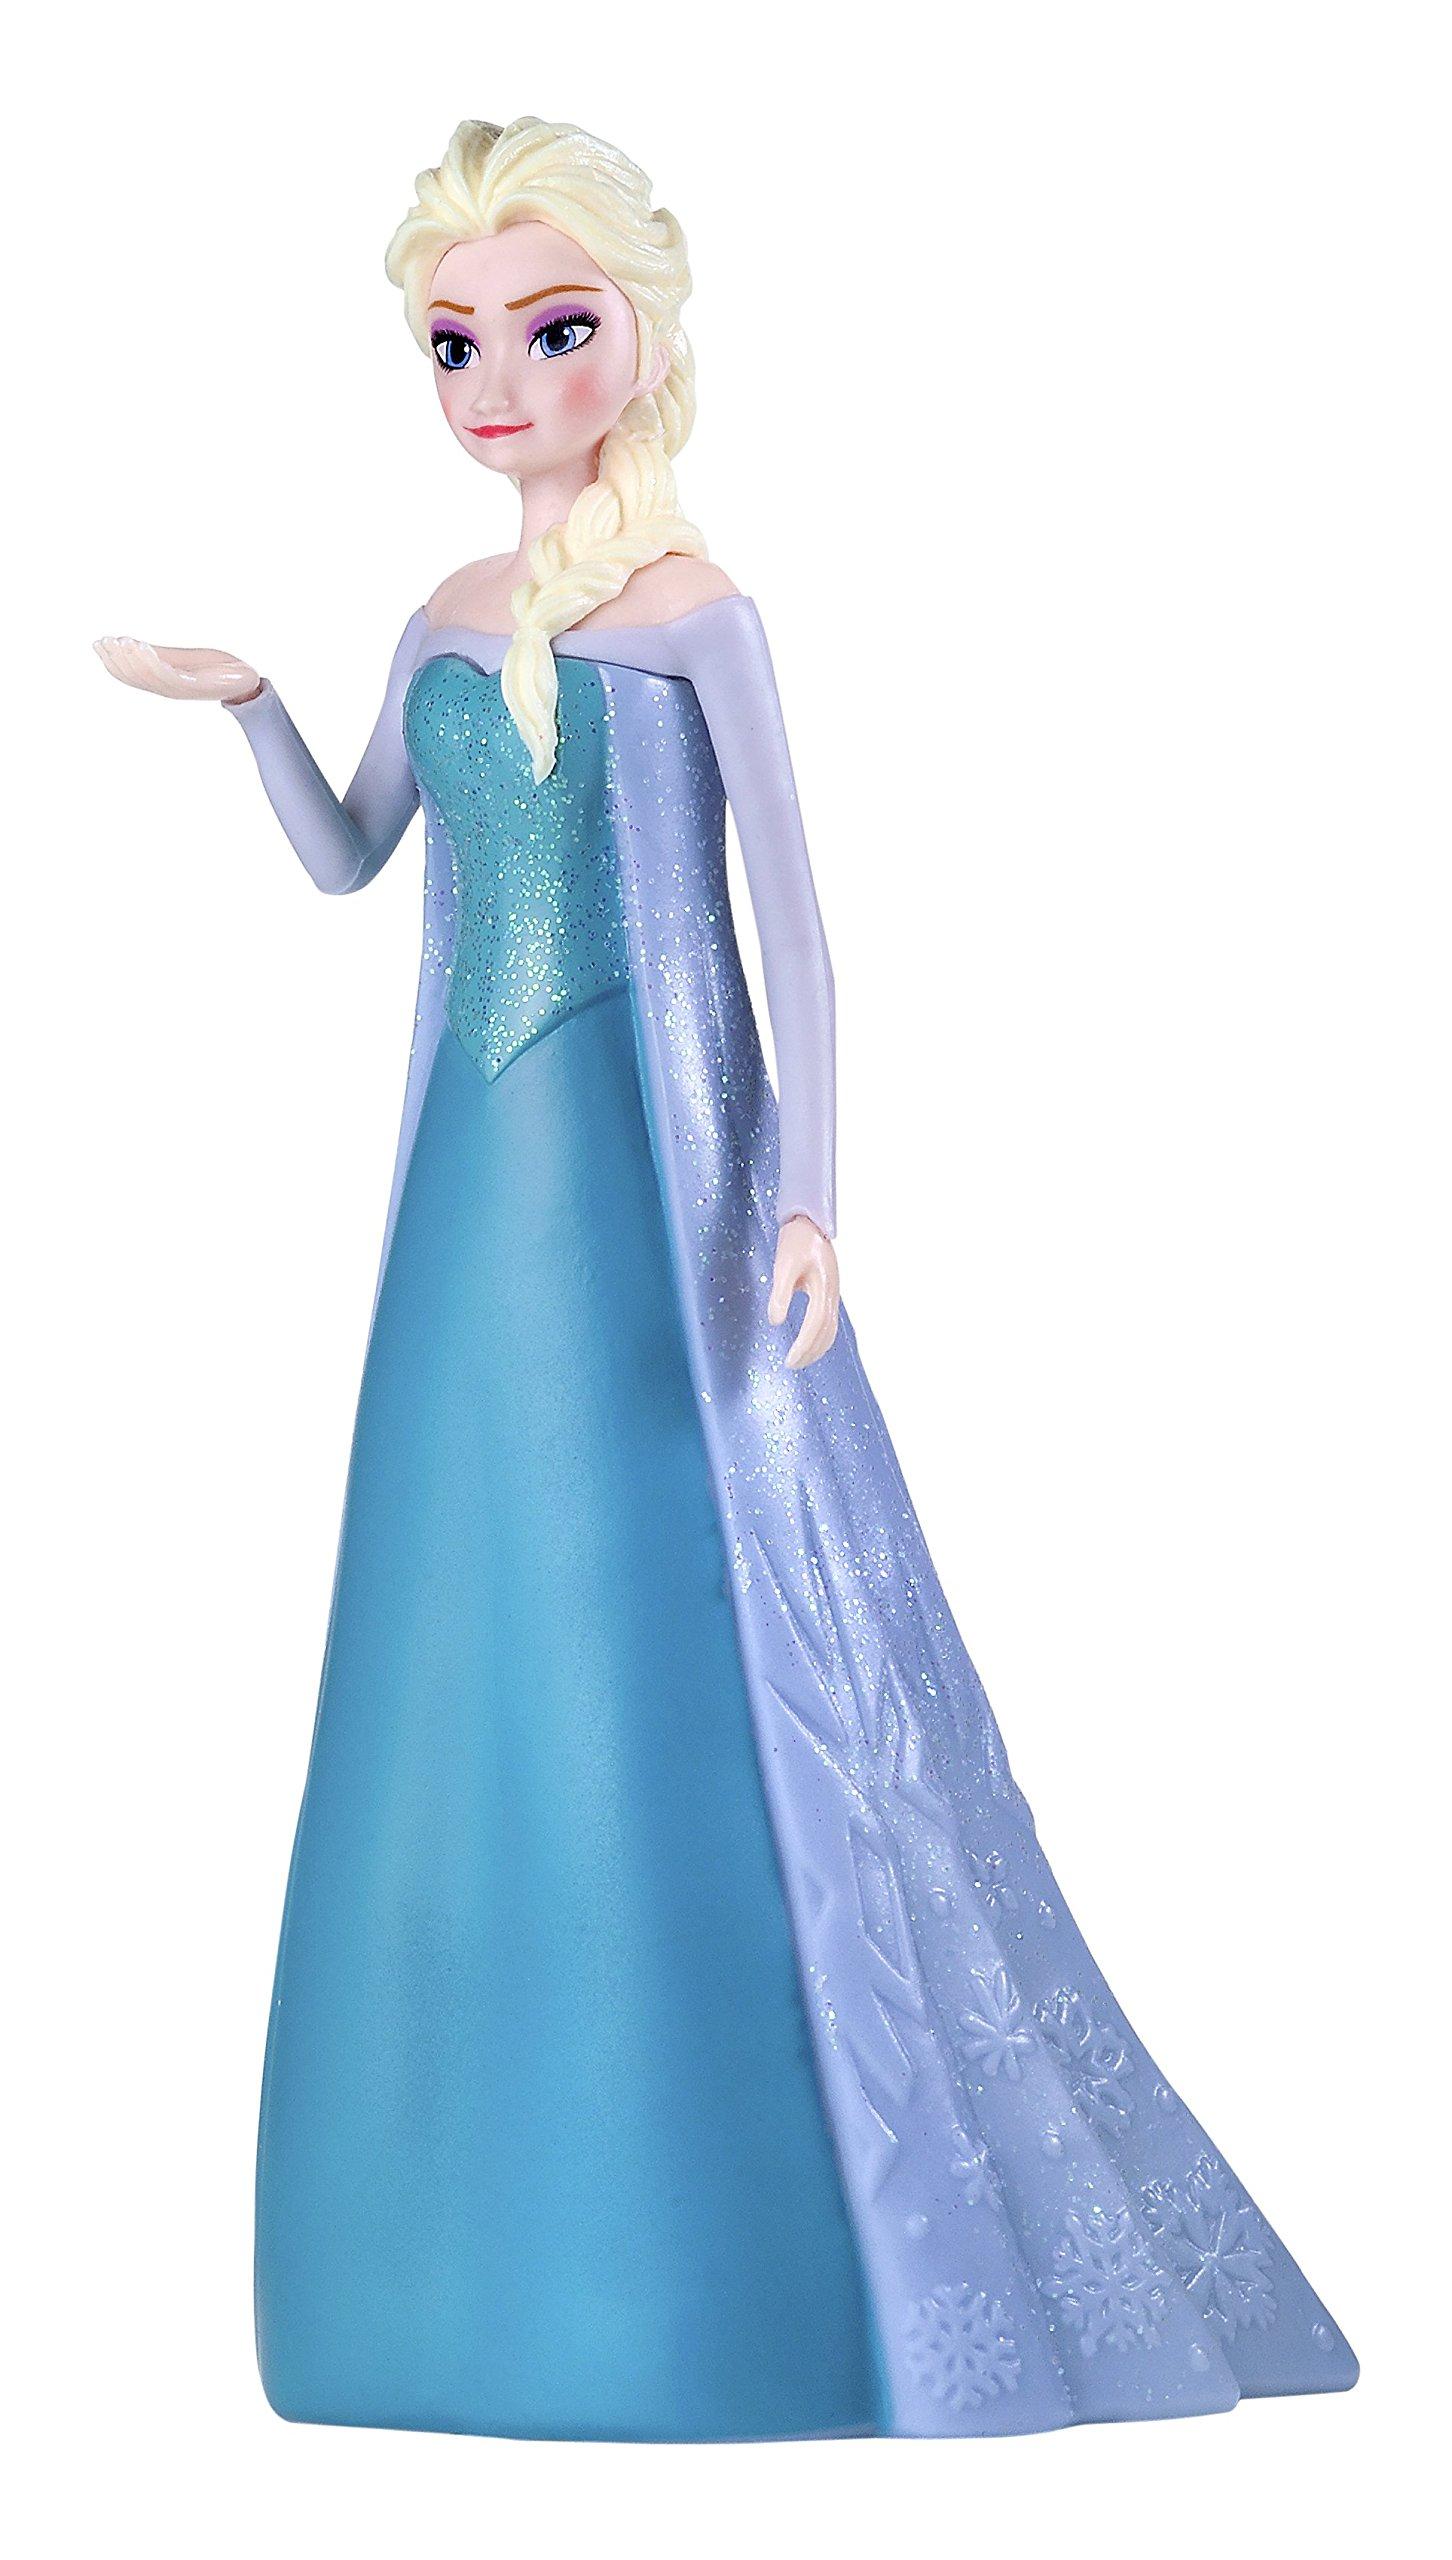 Disney Frozen 3D Figure Elsa for Kids Eau de Toilette Spray, 3.4 Ounce by Disney (Image #2)